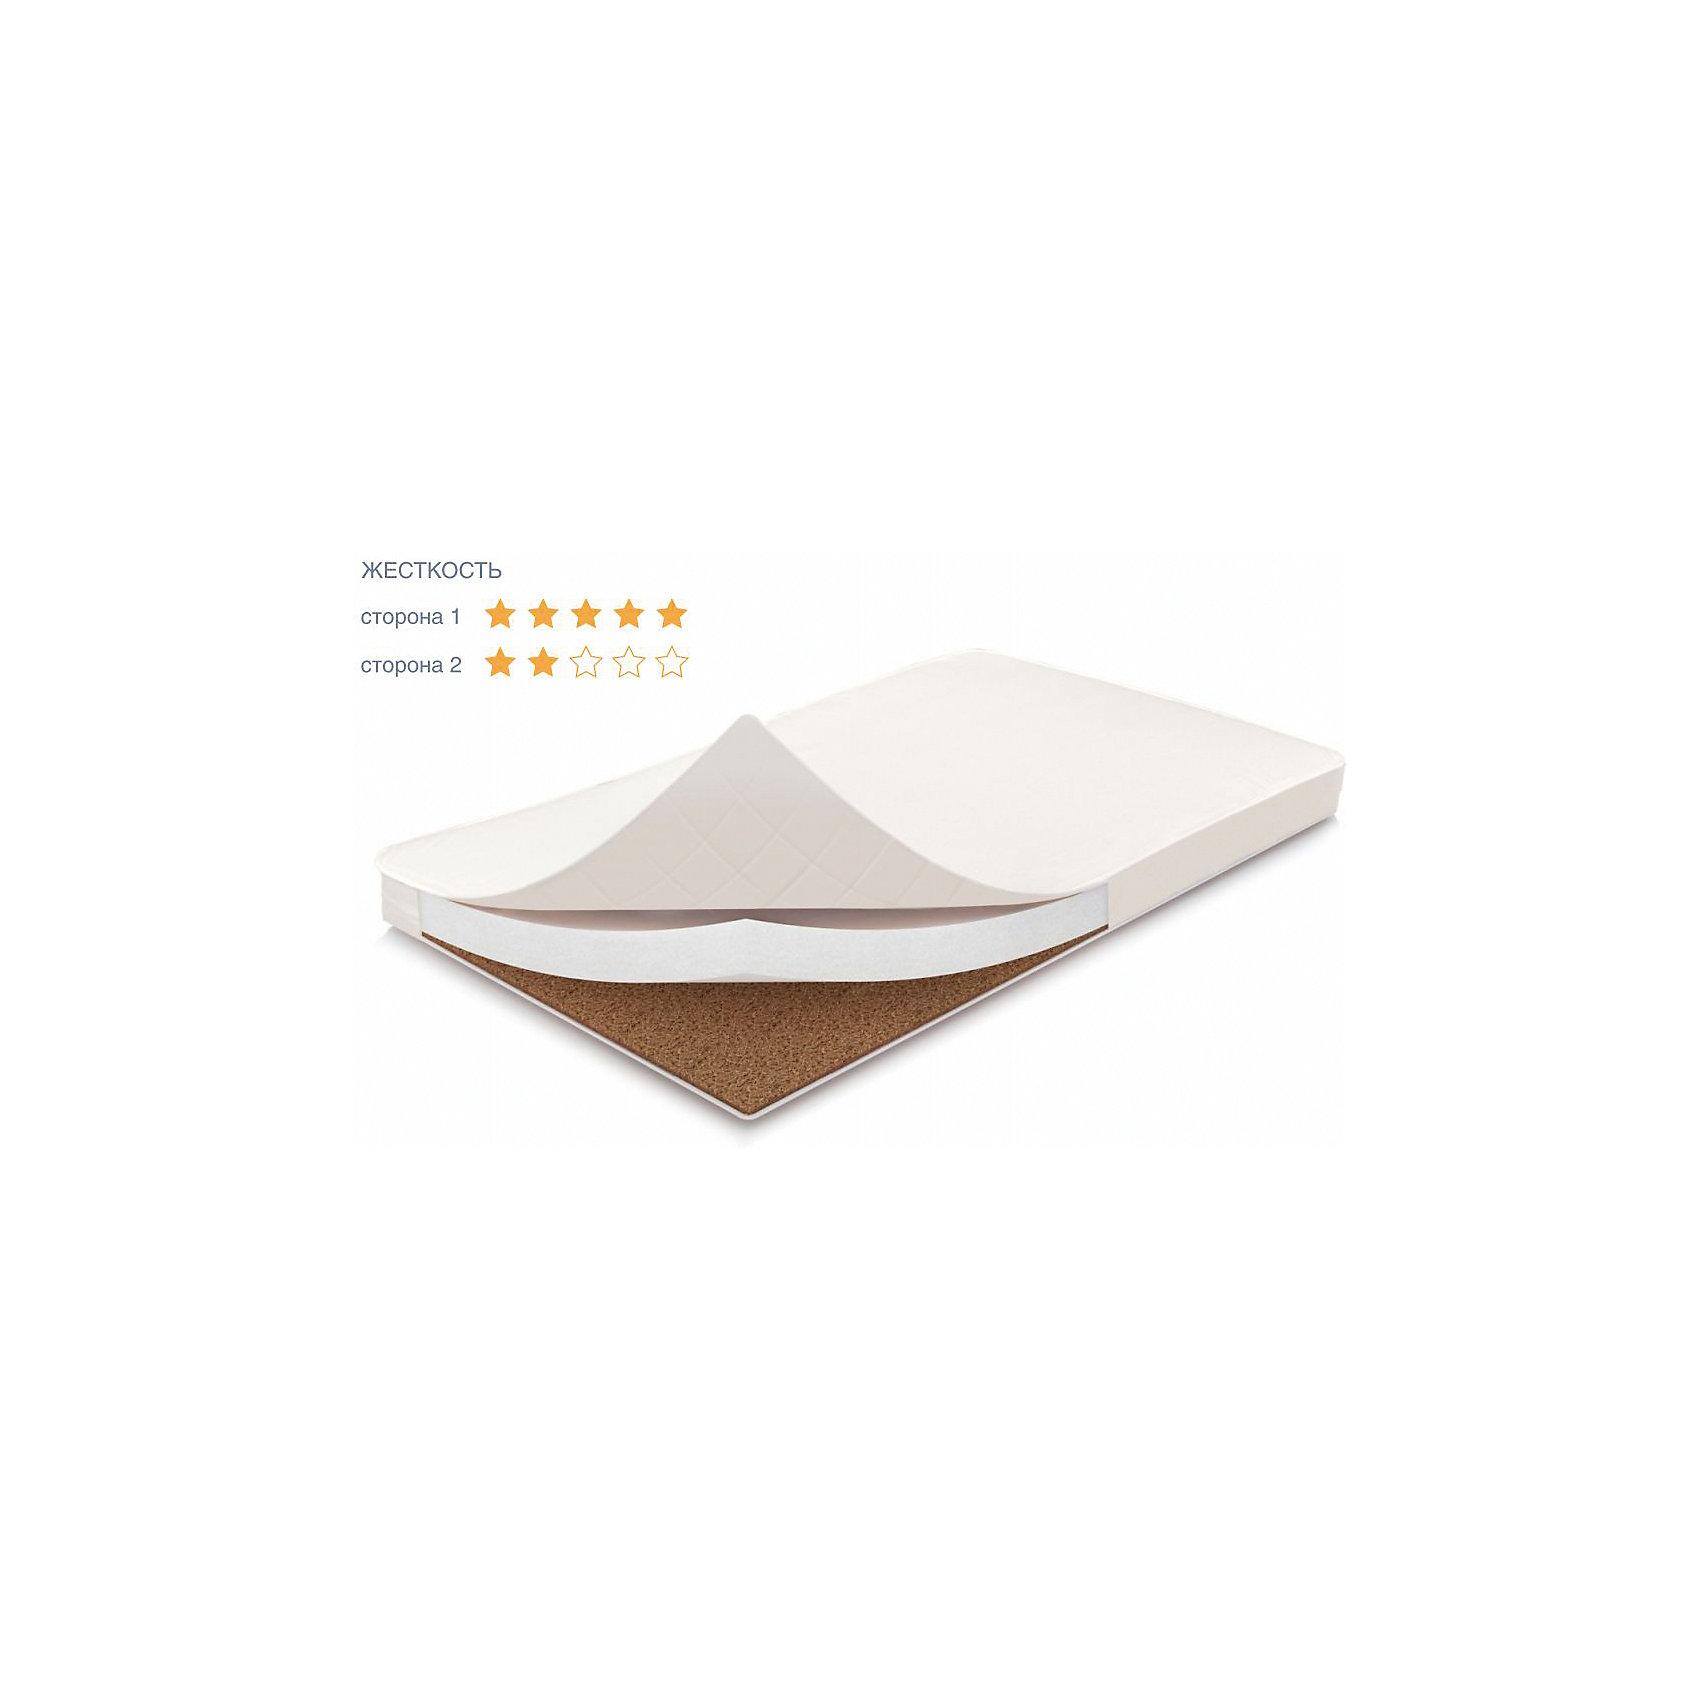 Матрас Волшебные сны Классик Плюс 119х59х10,кокос,бязь, ФеяМатрасы<br>Верхний слой- латексированная кокосовая плита (койра) толщиной 1 см.(для использования новорожденным)<br>Нижний слой -струттофайбер, объемный гипоаллергенный материал из полиэфирных волокон, толщиной 8 см..<br>Съемный чехол из 100 % хлопка на молнии с 3 сторон облегчает уход за изделием<br><br>Ширина мм: 1190<br>Глубина мм: 590<br>Высота мм: 100<br>Вес г: 2030<br>Возраст от месяцев: 0<br>Возраст до месяцев: 36<br>Пол: Унисекс<br>Возраст: Детский<br>SKU: 5610152